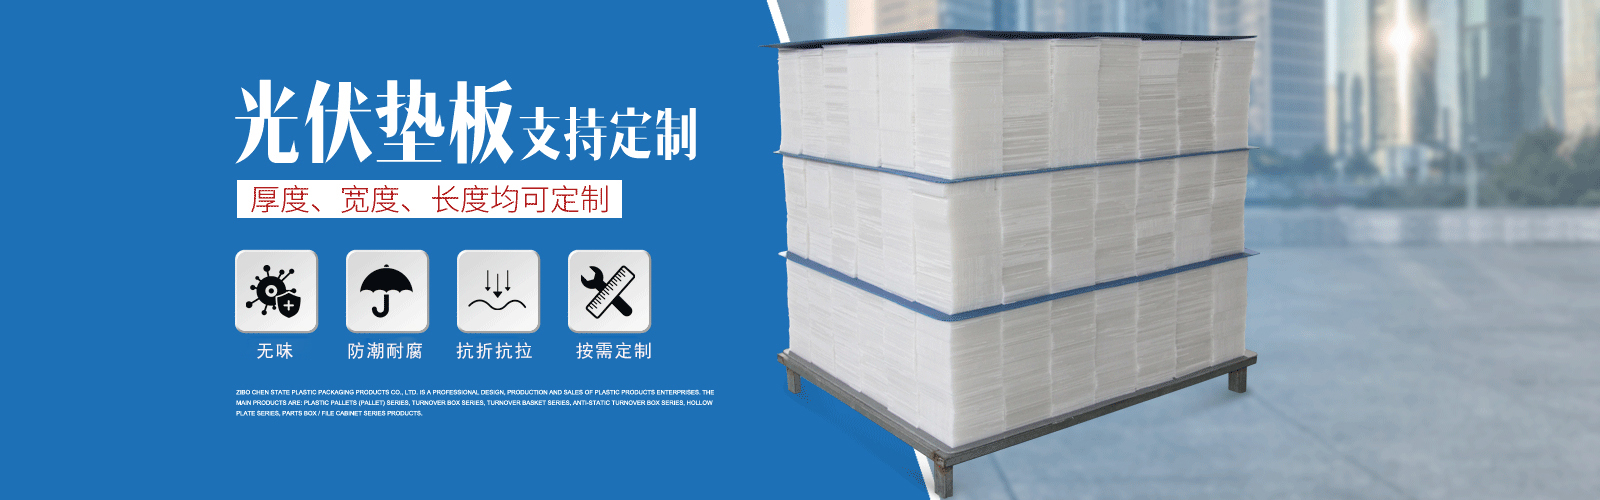 山东辰邦塑料包装制品有限公司